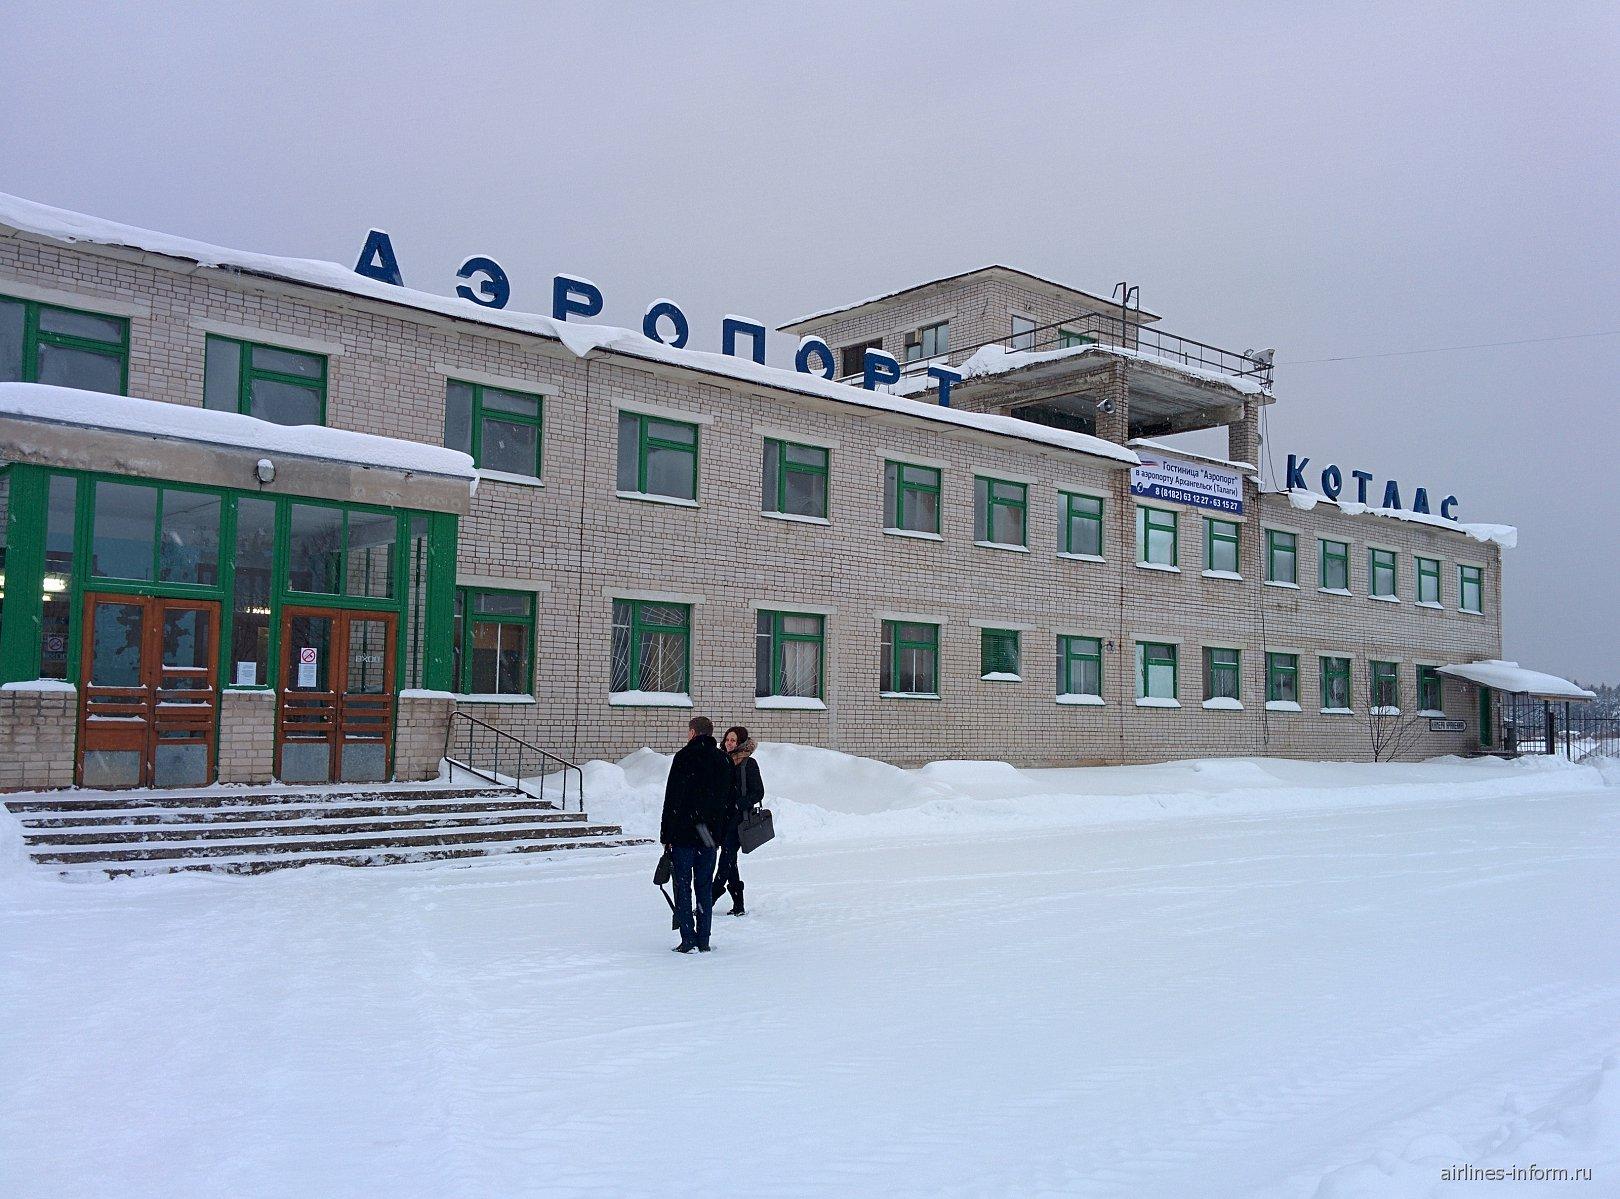 Аэровокзал аэропорта Котлас со стороны привокзальной площади